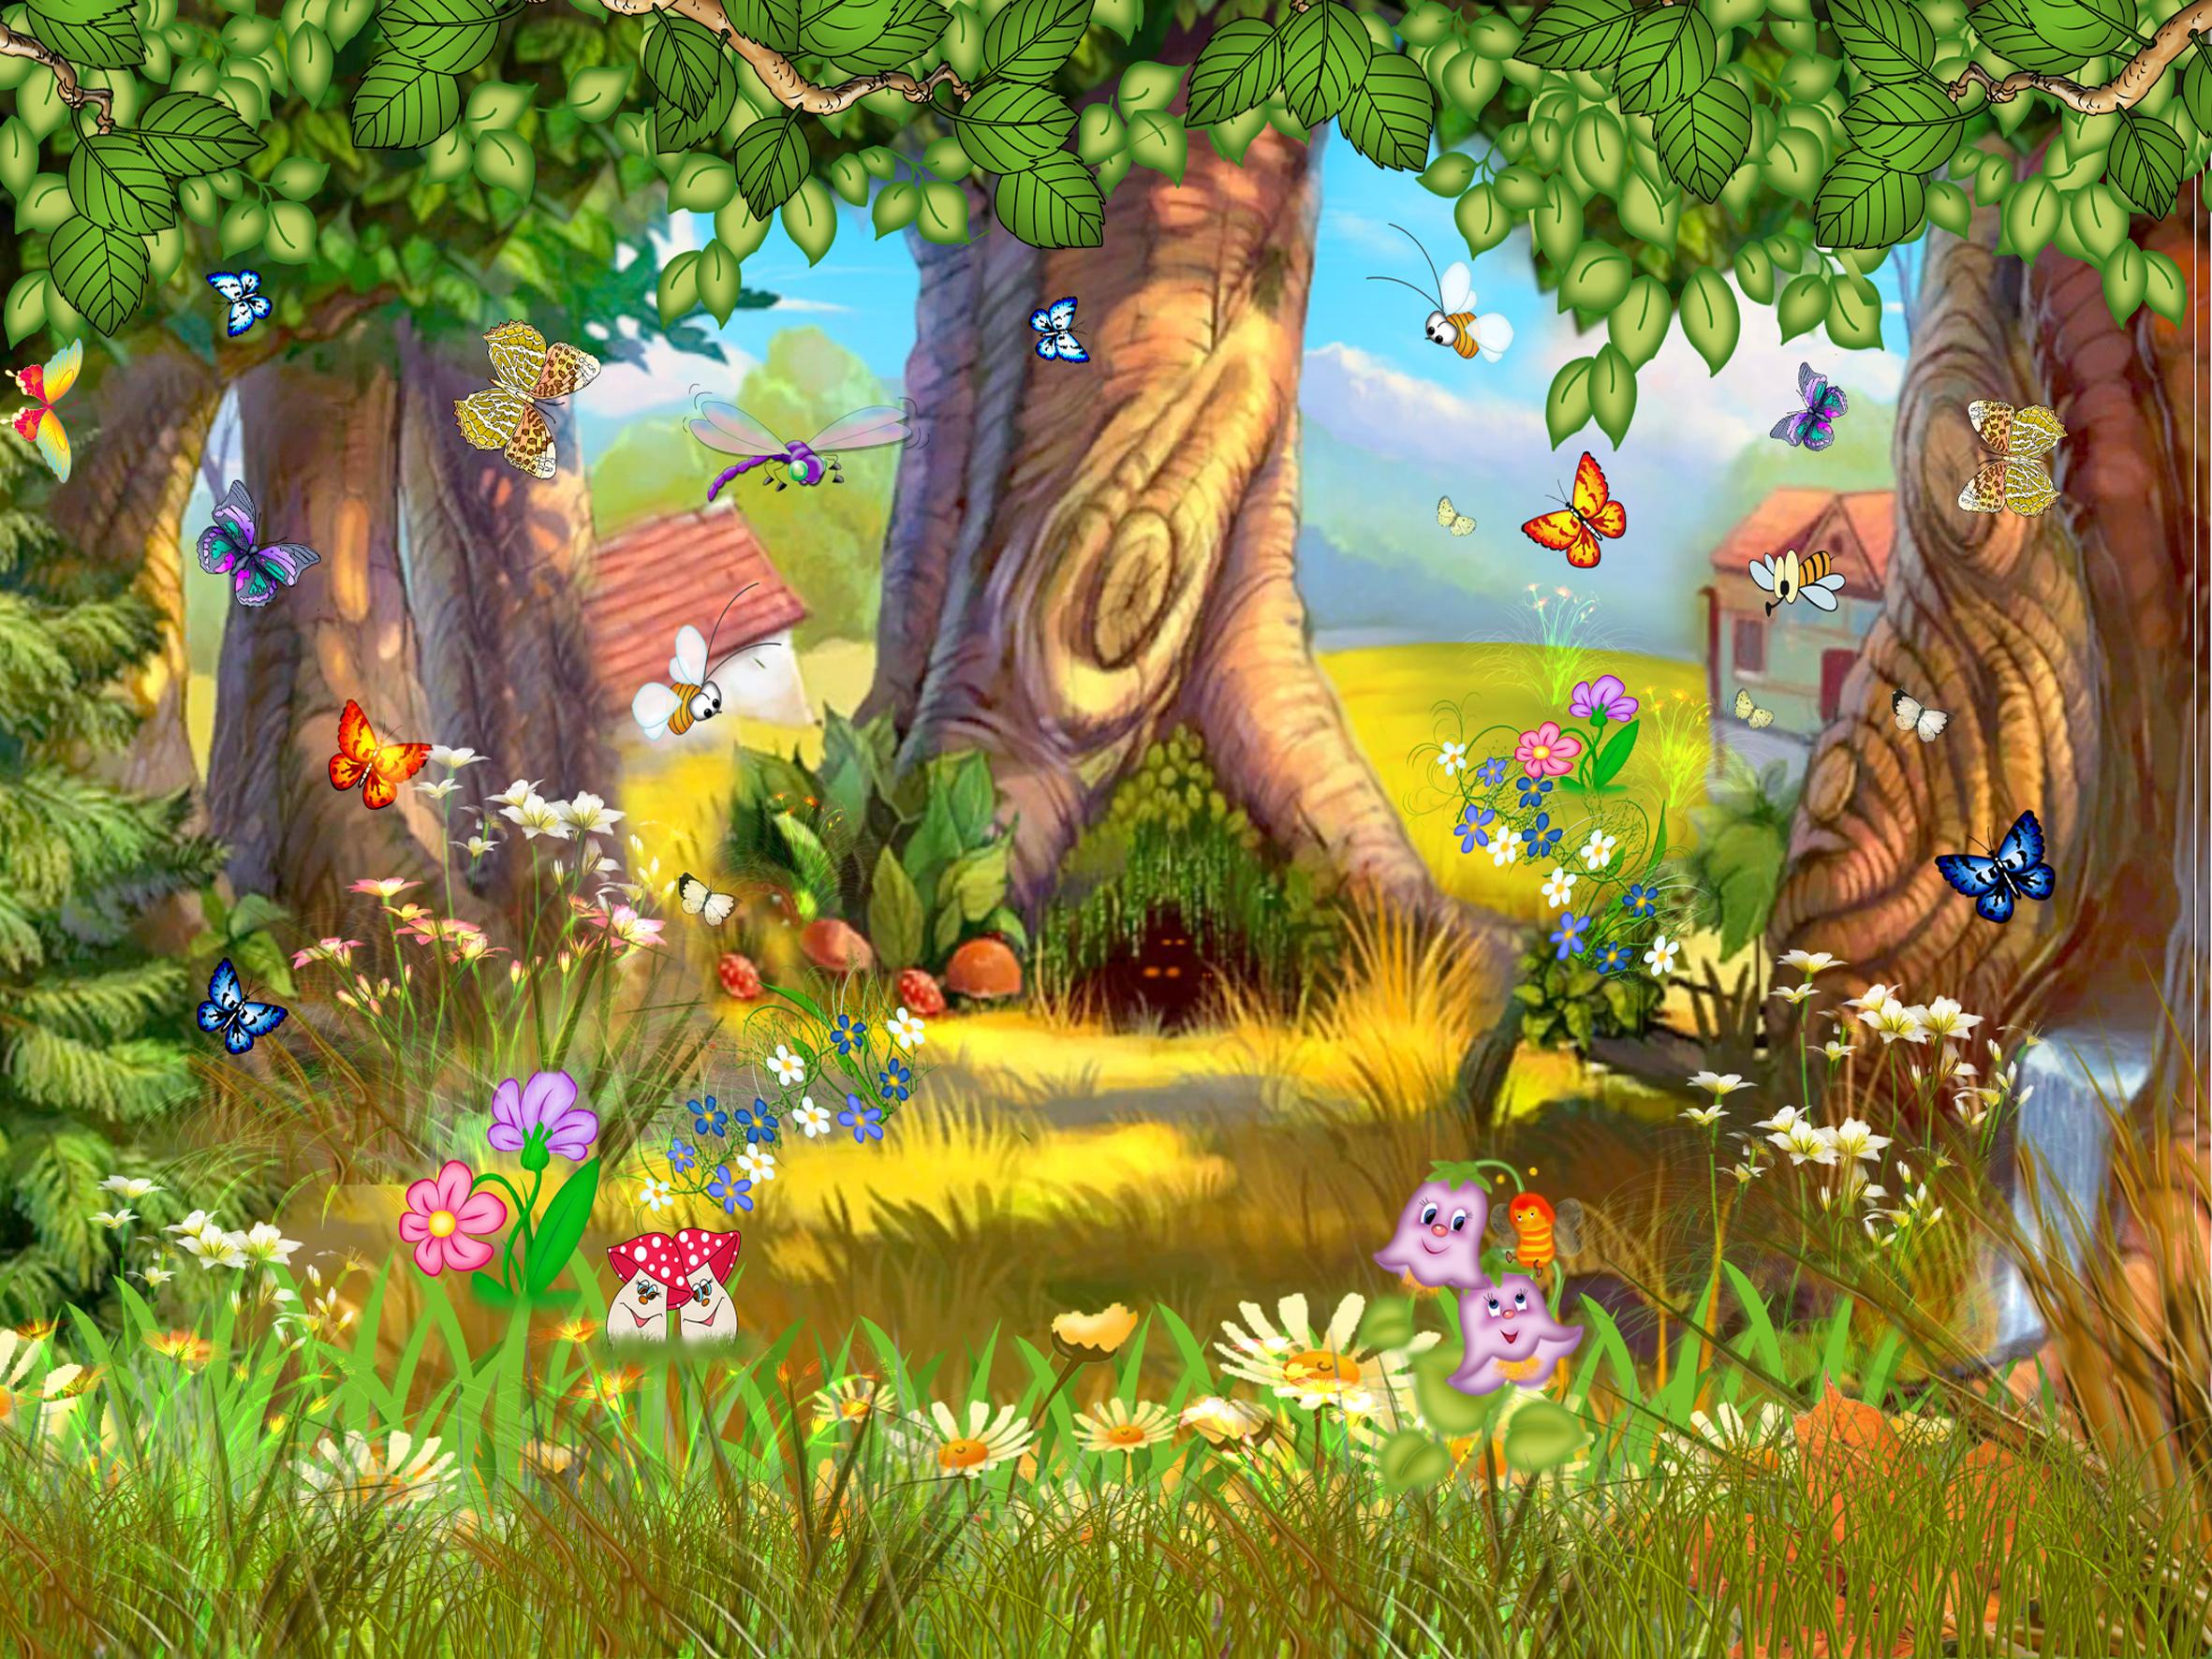 Детские картинки анимационные про природу со звуками